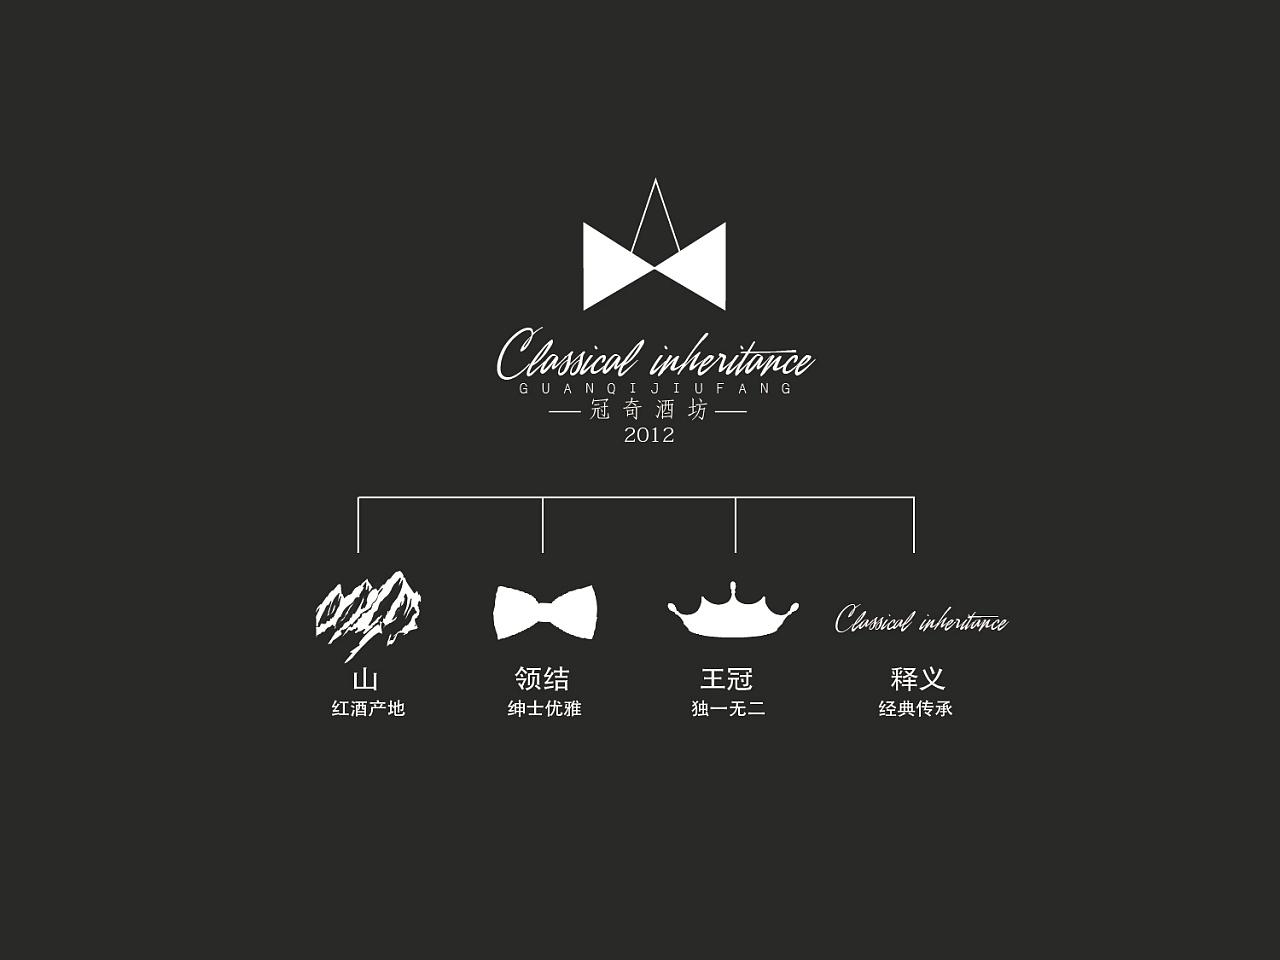 多个葡萄酒logo设计欣赏 - Logo设计 - 设计帝国